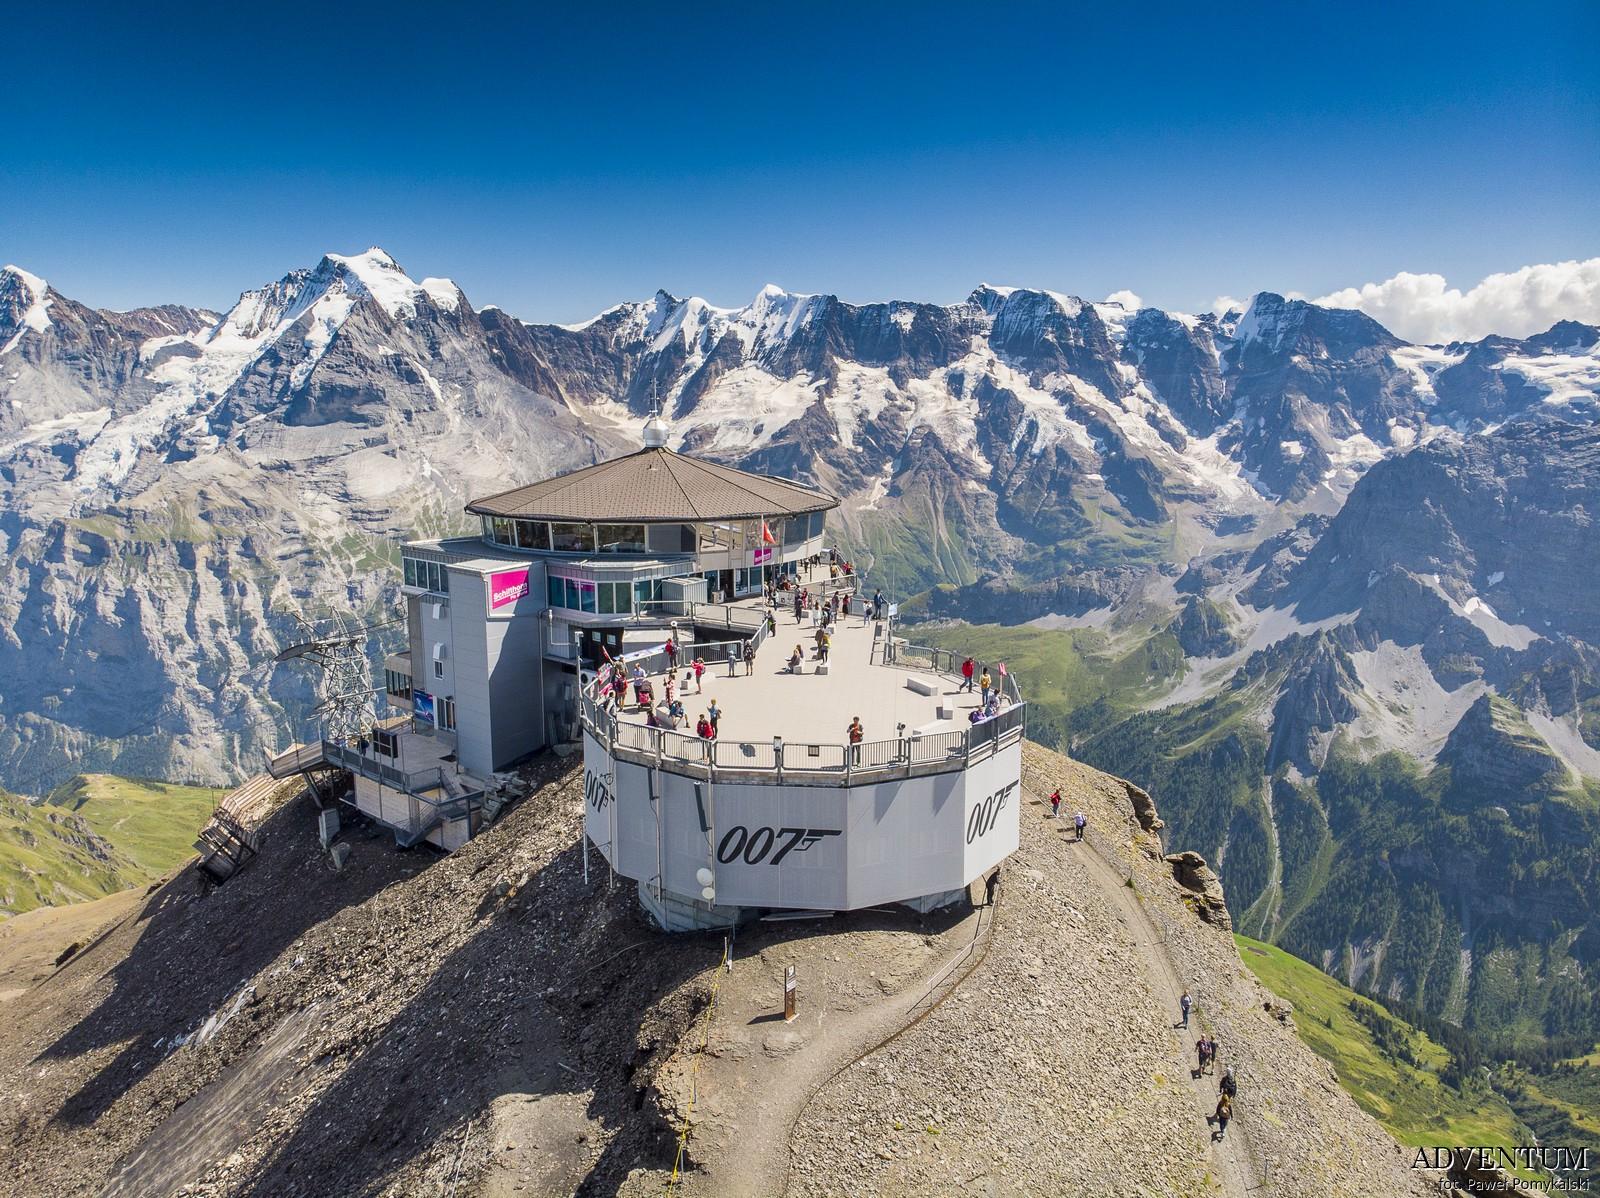 Schilthorn góry Szwajcaria Alpy Kolejka Linowa James Bond 007 Bilety Ceny parking piz Gloria